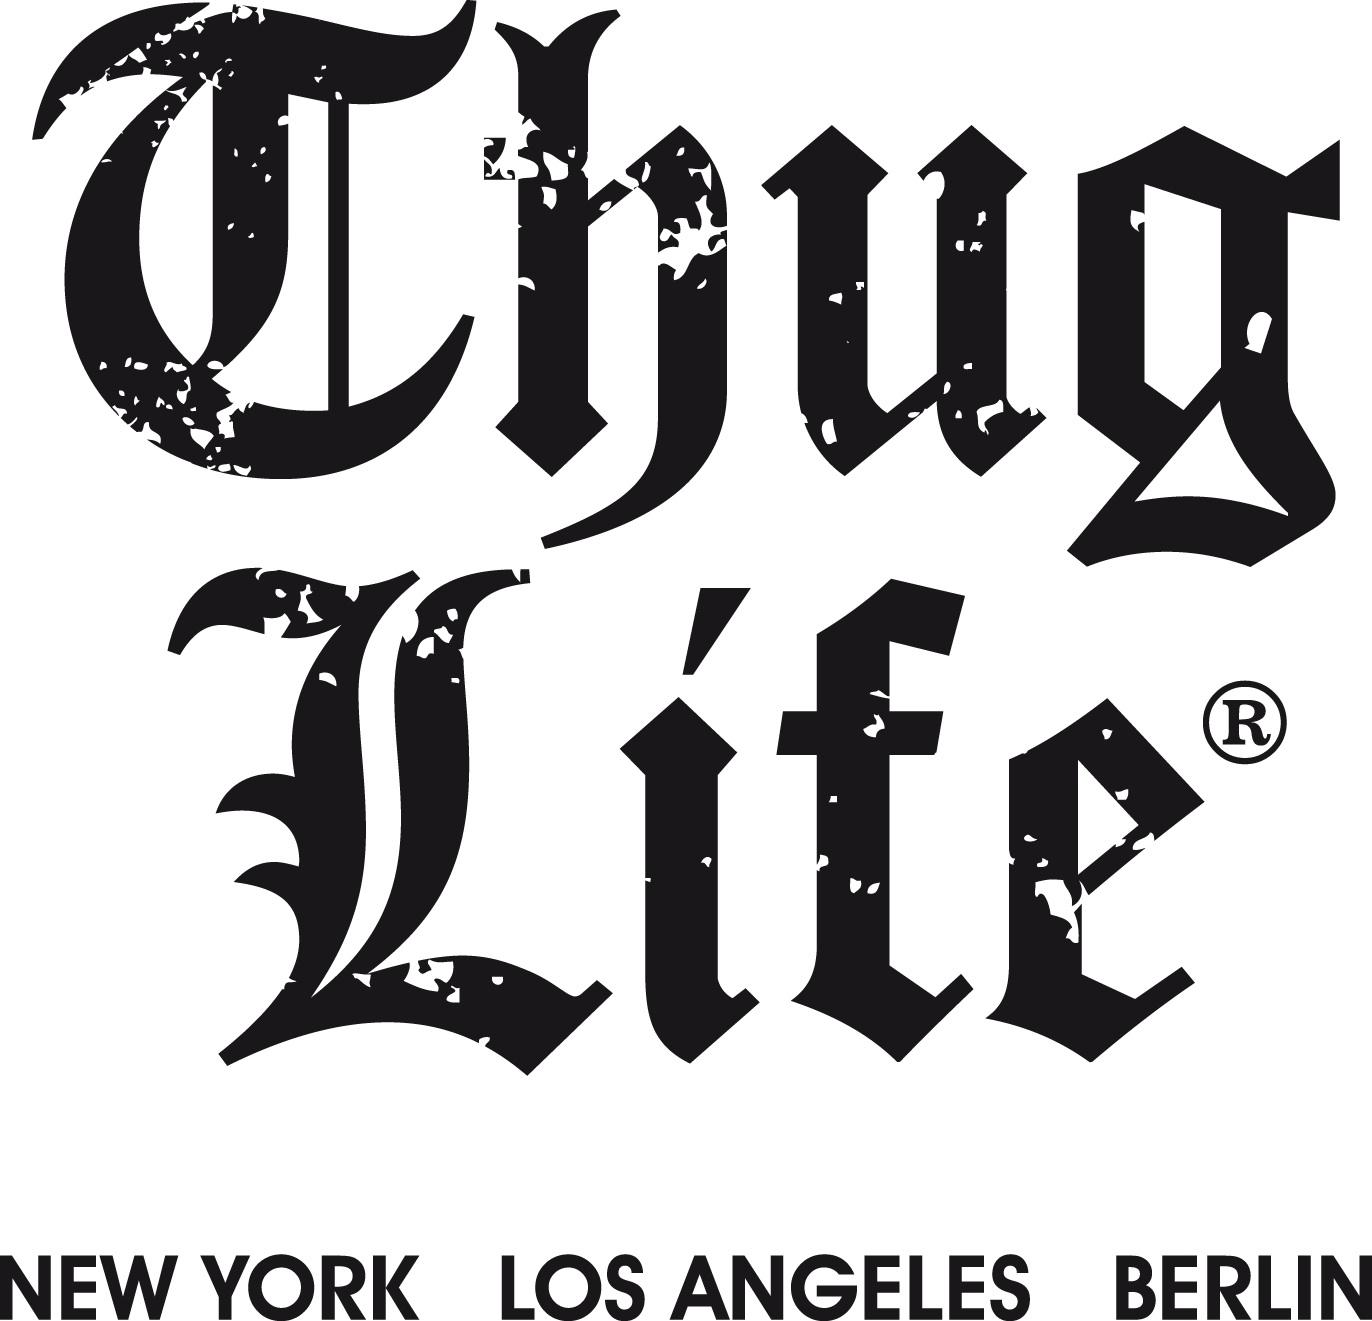 Welches Image hat Thug Life Bewertungen Nachrichten Such Trends 1372x1321